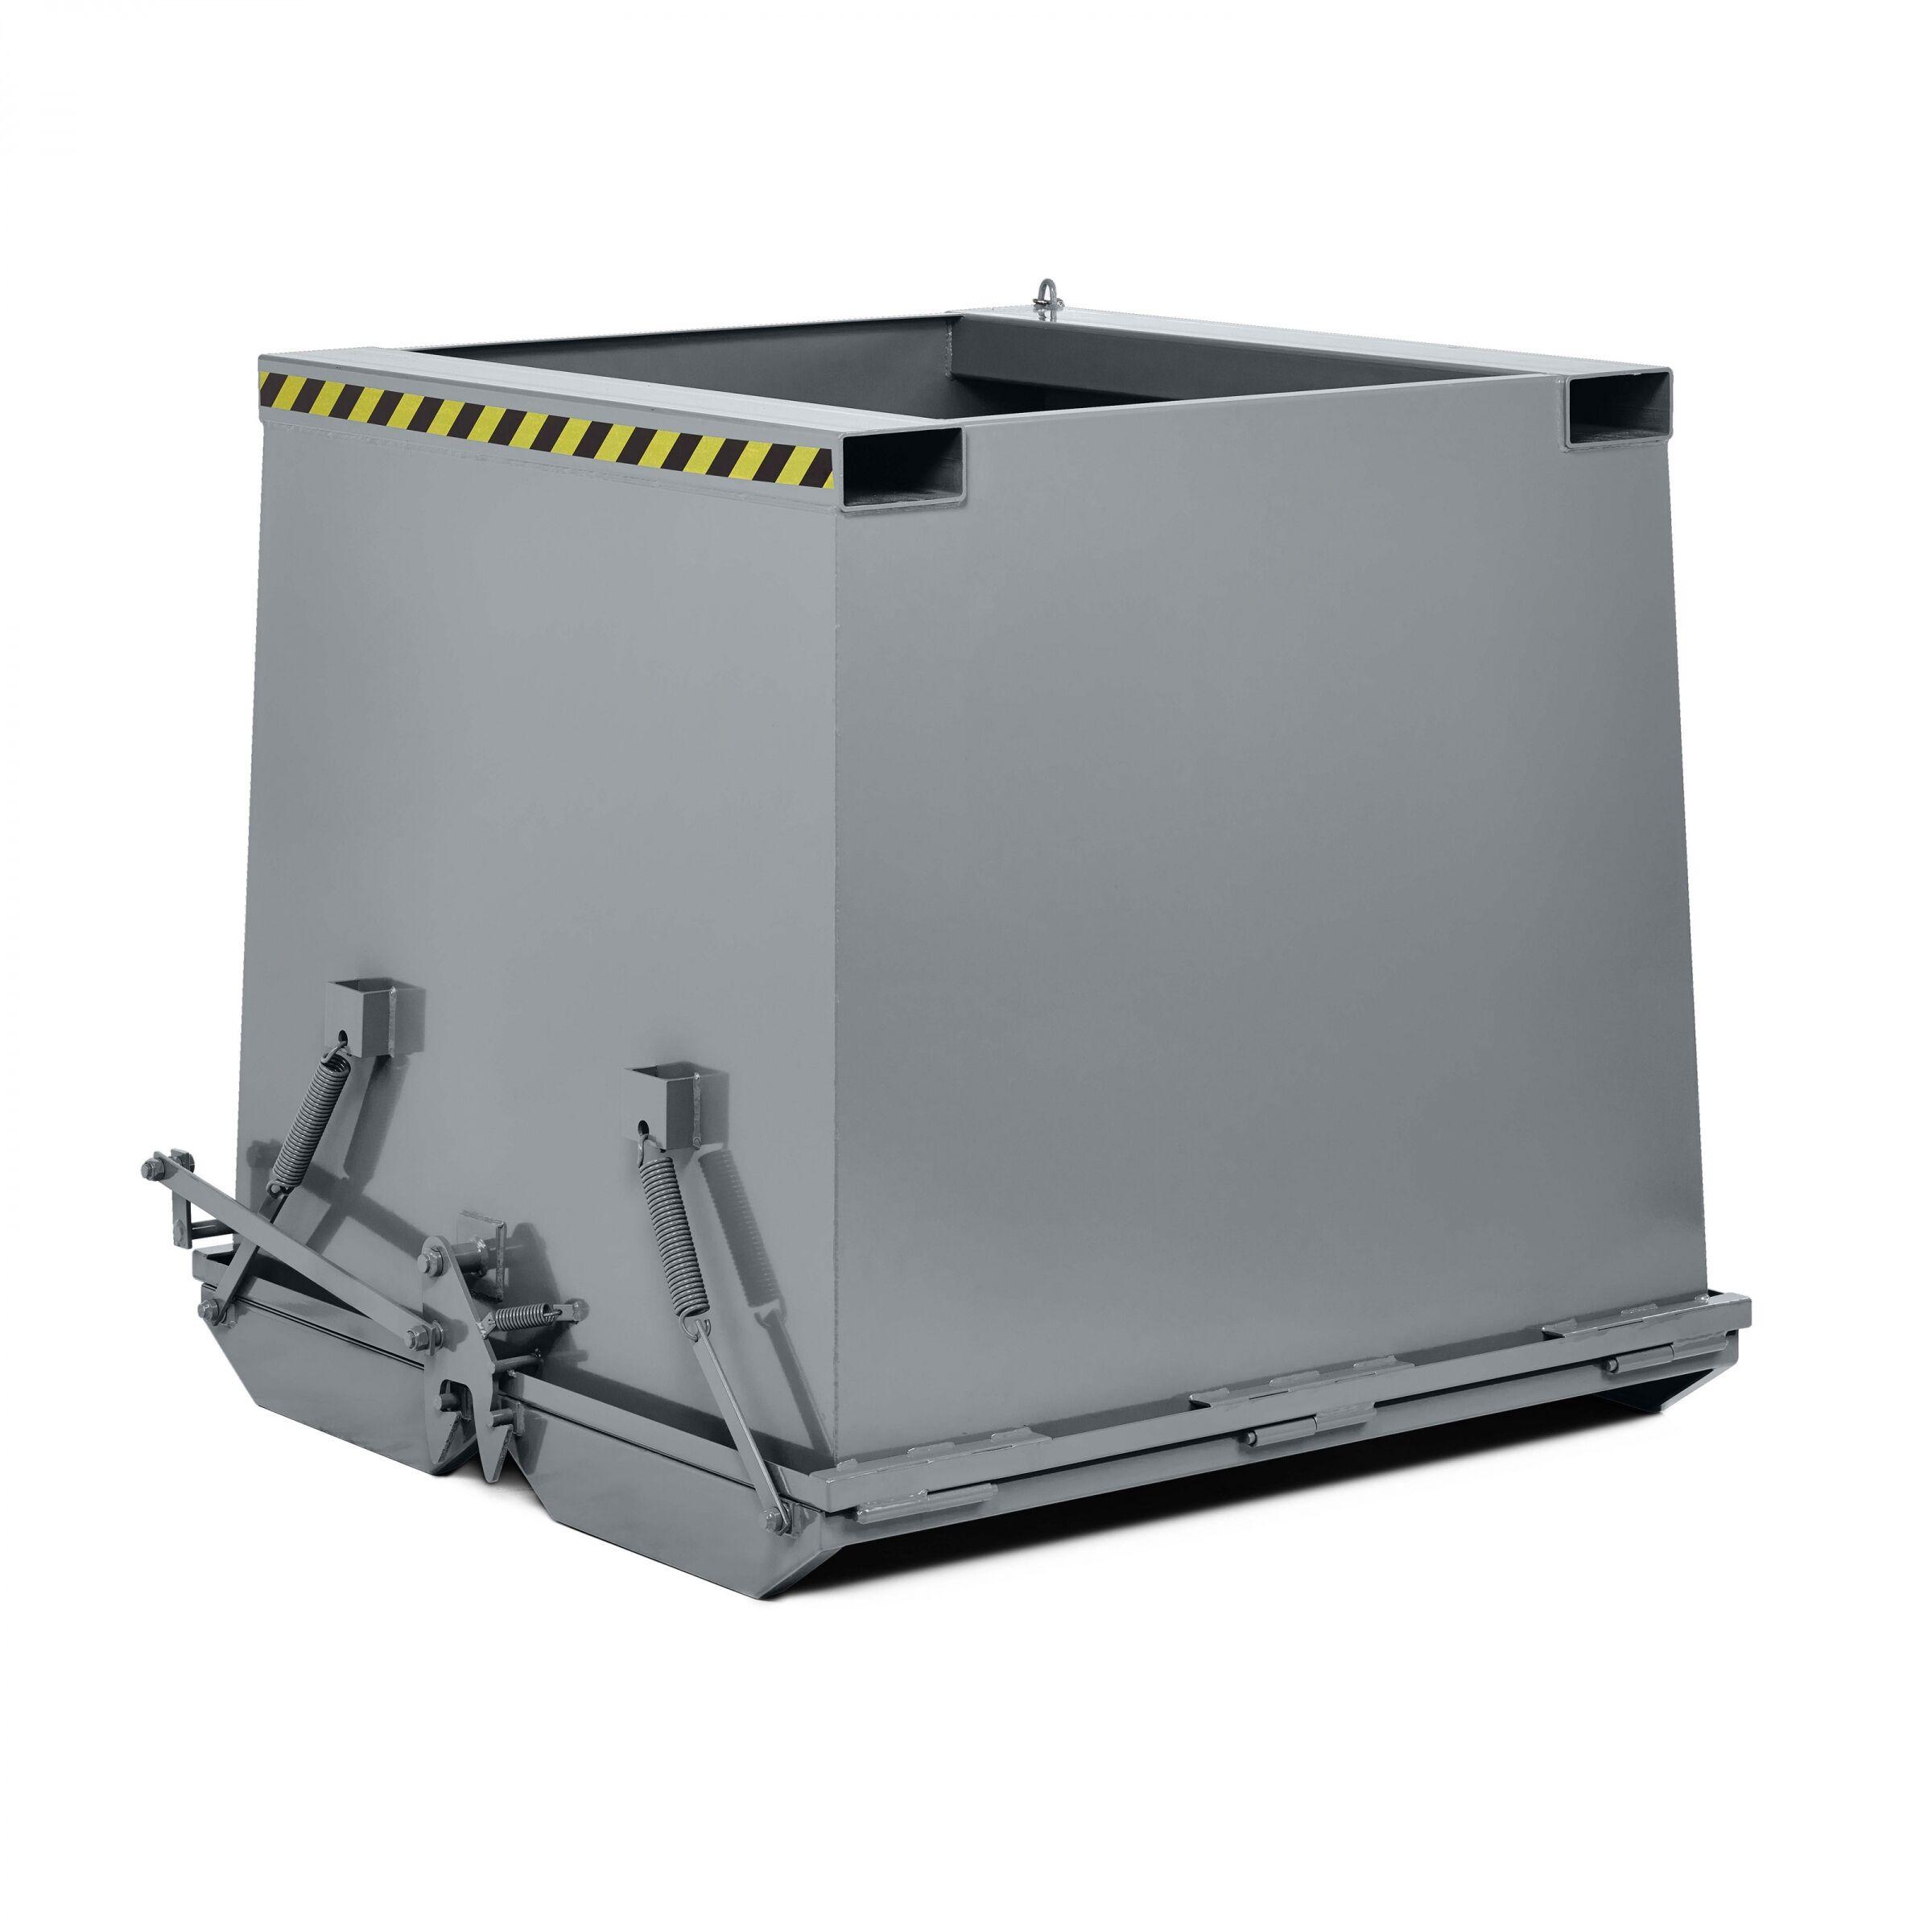 R+R Industrietechnik Schwerlast- Klappbodenbehälter Typ RKC-50 500dm³ RAL 7005 Mausgrau